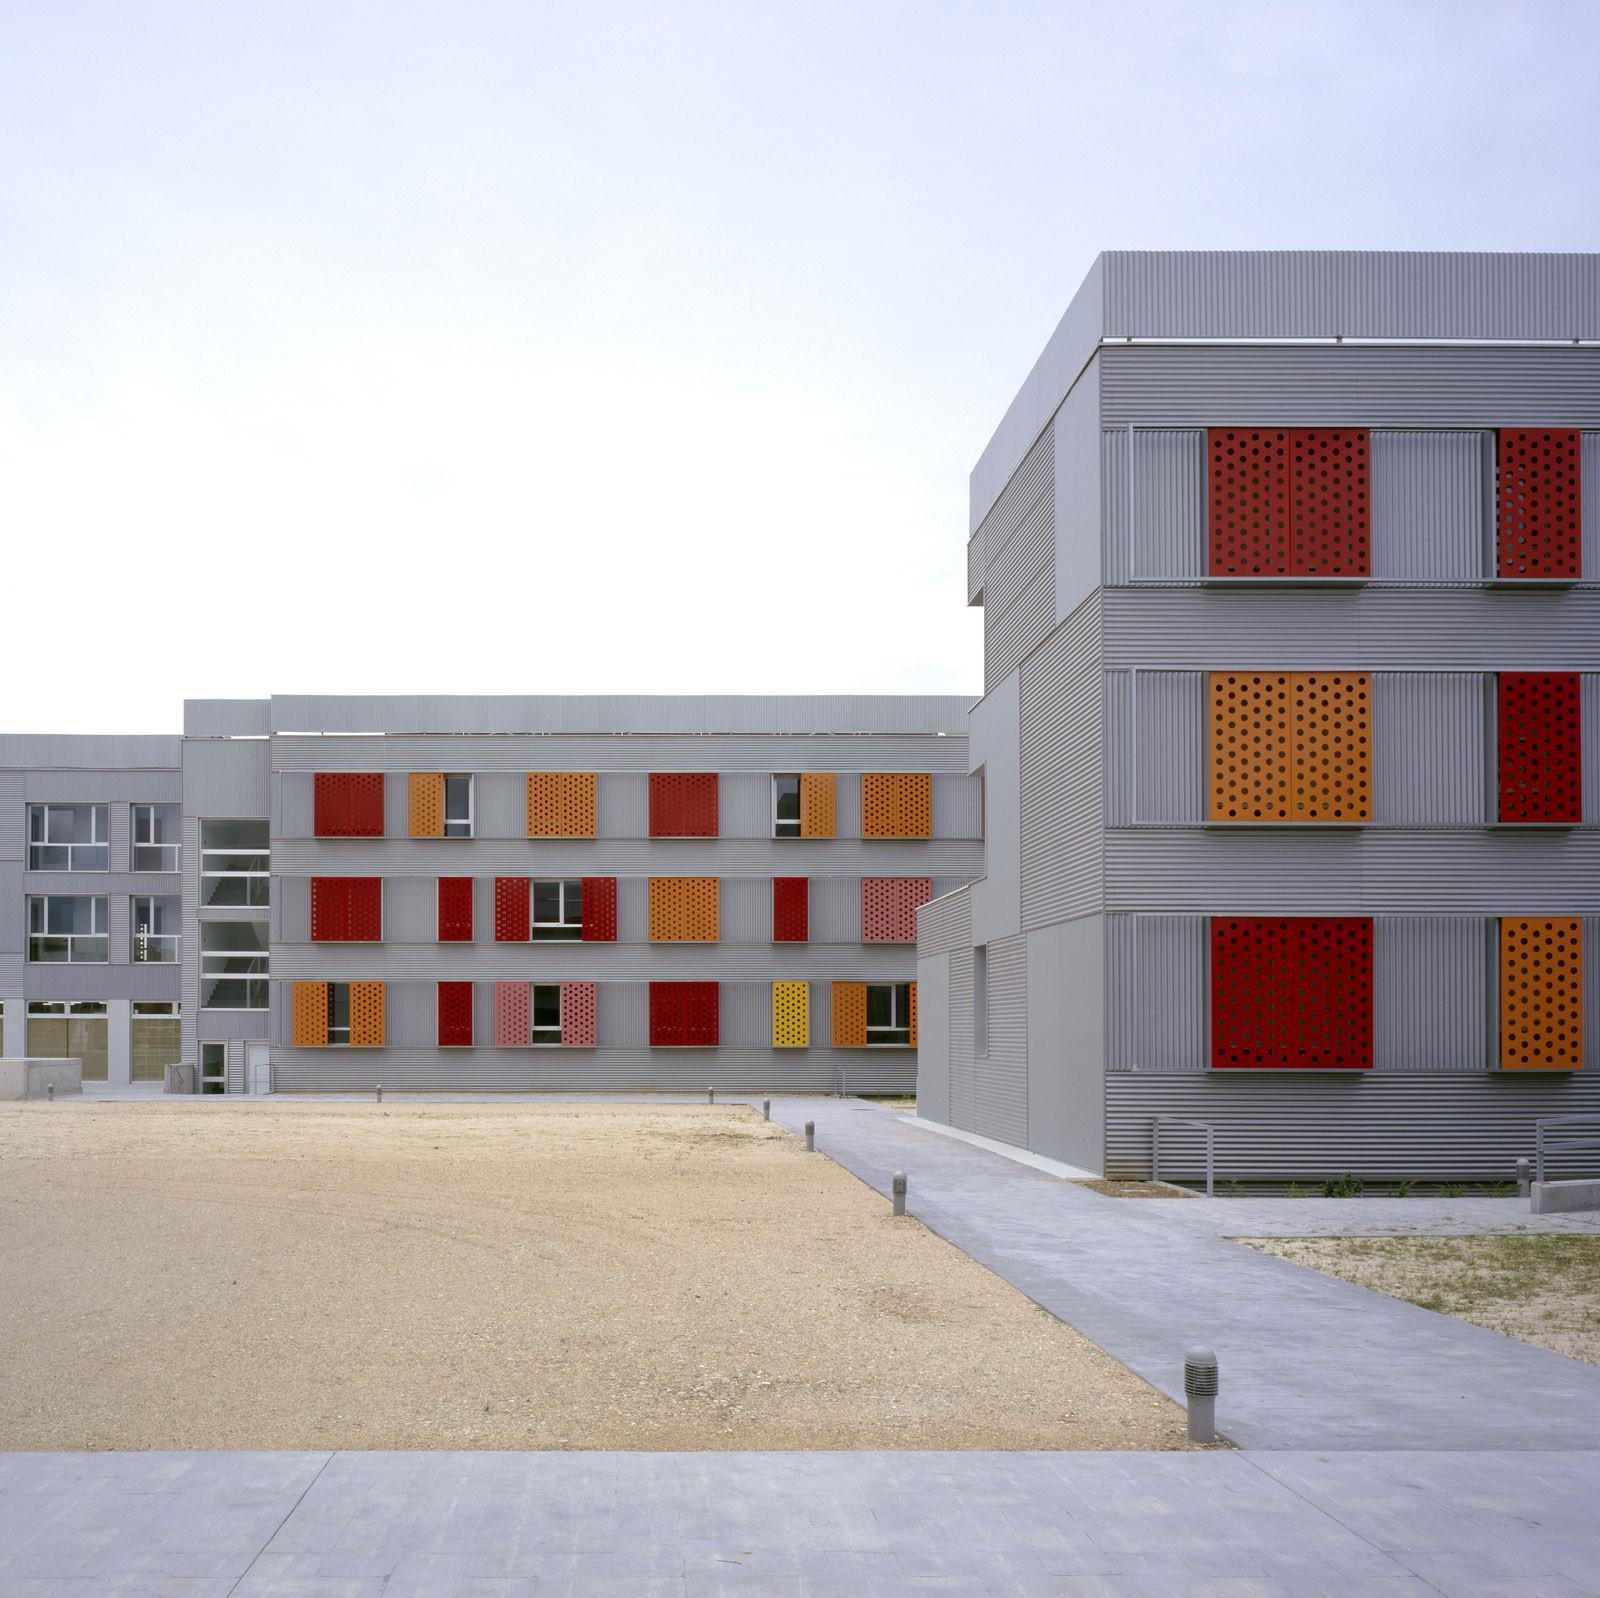 255 Dwellings in Villanueva de la Cañada / Aranguren & Gallegos Arquitectos, © Hisao Suzuki